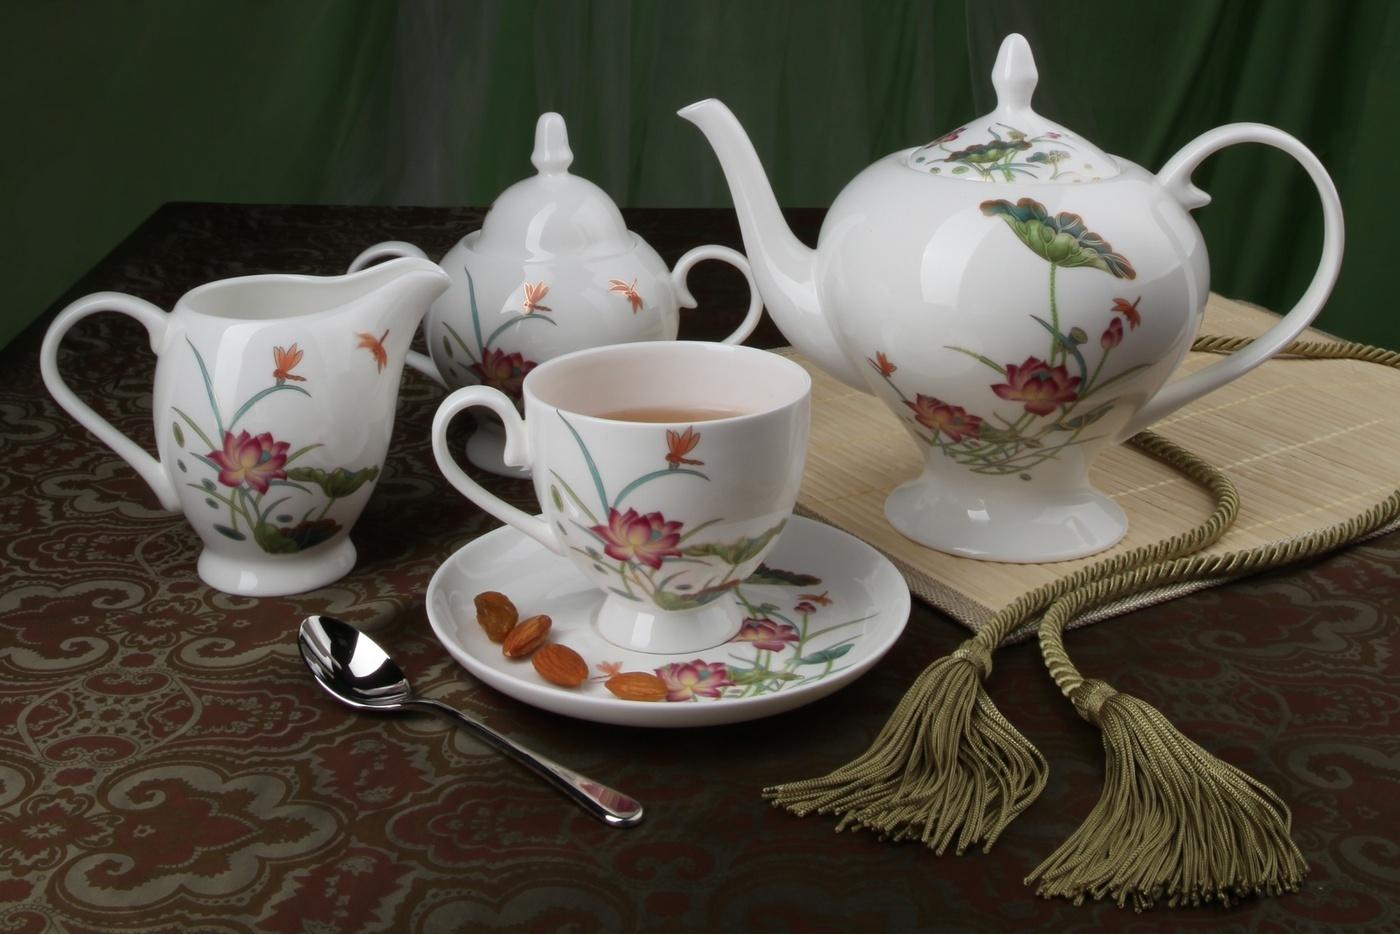 Чайный сервиз Royal Aurel Лотос арт.127, 15 предметовЧайные сервизы<br>Чайный сервиз Royal Aurel Лотос арт.127, 15 предметов<br><br><br><br><br><br><br><br><br><br><br>Чашка 270 мл,6 шт.<br>Блюдце 15 см,6 шт.<br>Чайник 1100 мл<br>Сахарница 370 мл<br><br><br><br><br><br><br><br><br>Молочник 300 мл<br><br><br><br><br><br><br><br><br>Производить посуду из фарфора начали в Китае на стыке 6-7 веков. Неустанно совершенствуя и селективно отбирая сырье для производства посуды из фарфора, мастерам удалось добиться выдающихся характеристик фарфора: белизны и тонкостенности. В XV веке появился особый интерес к китайской фарфоровой посуде, так как в это время Европе возникла мода на самобытные китайские вещи. Роскошный китайский фарфор являлся изыском и был в новинку, поэтому он выступал в качестве подарка королям, а также знатным людям. Такой дорогой подарок был очень престижен и по праву являлся элитной посудой. Как известно из многочисленных исторических документов, в Европе китайские изделия из фарфора ценились практически как золото. <br>Проверка изделий из костяного фарфора на подлинность <br>По сравнению с производством других видов фарфора процесс производства изделий из настоящего костяного фарфора сложен и весьма длителен. Посуда из изящного фарфора - это элитная посуда, которая всегда ассоциируется с богатством, величием и благородством. Несмотря на небольшую толщину, фарфоровая посуда - это очень прочное изделие. Для демонстрации плотности и прочности фарфора можно легко коснуться предметов посуды из фарфора деревянной палочкой, и тогда мы услушим характерный металлический звон. В составе фарфоровой посуды присутствует костяная зола, благодаря чему она может быть намного тоньше (не более 2,5 мм) и легче твердого или мягкого фарфора. Безупречная белизна - ключевой признак отличия такого фарфора от других. Цвет обычного фарфора сероватый или ближе к голубоватому, а костяной фарфор будет всегда будет молочно-белого цвета. Характерная и немаловажная деталь - это невесом